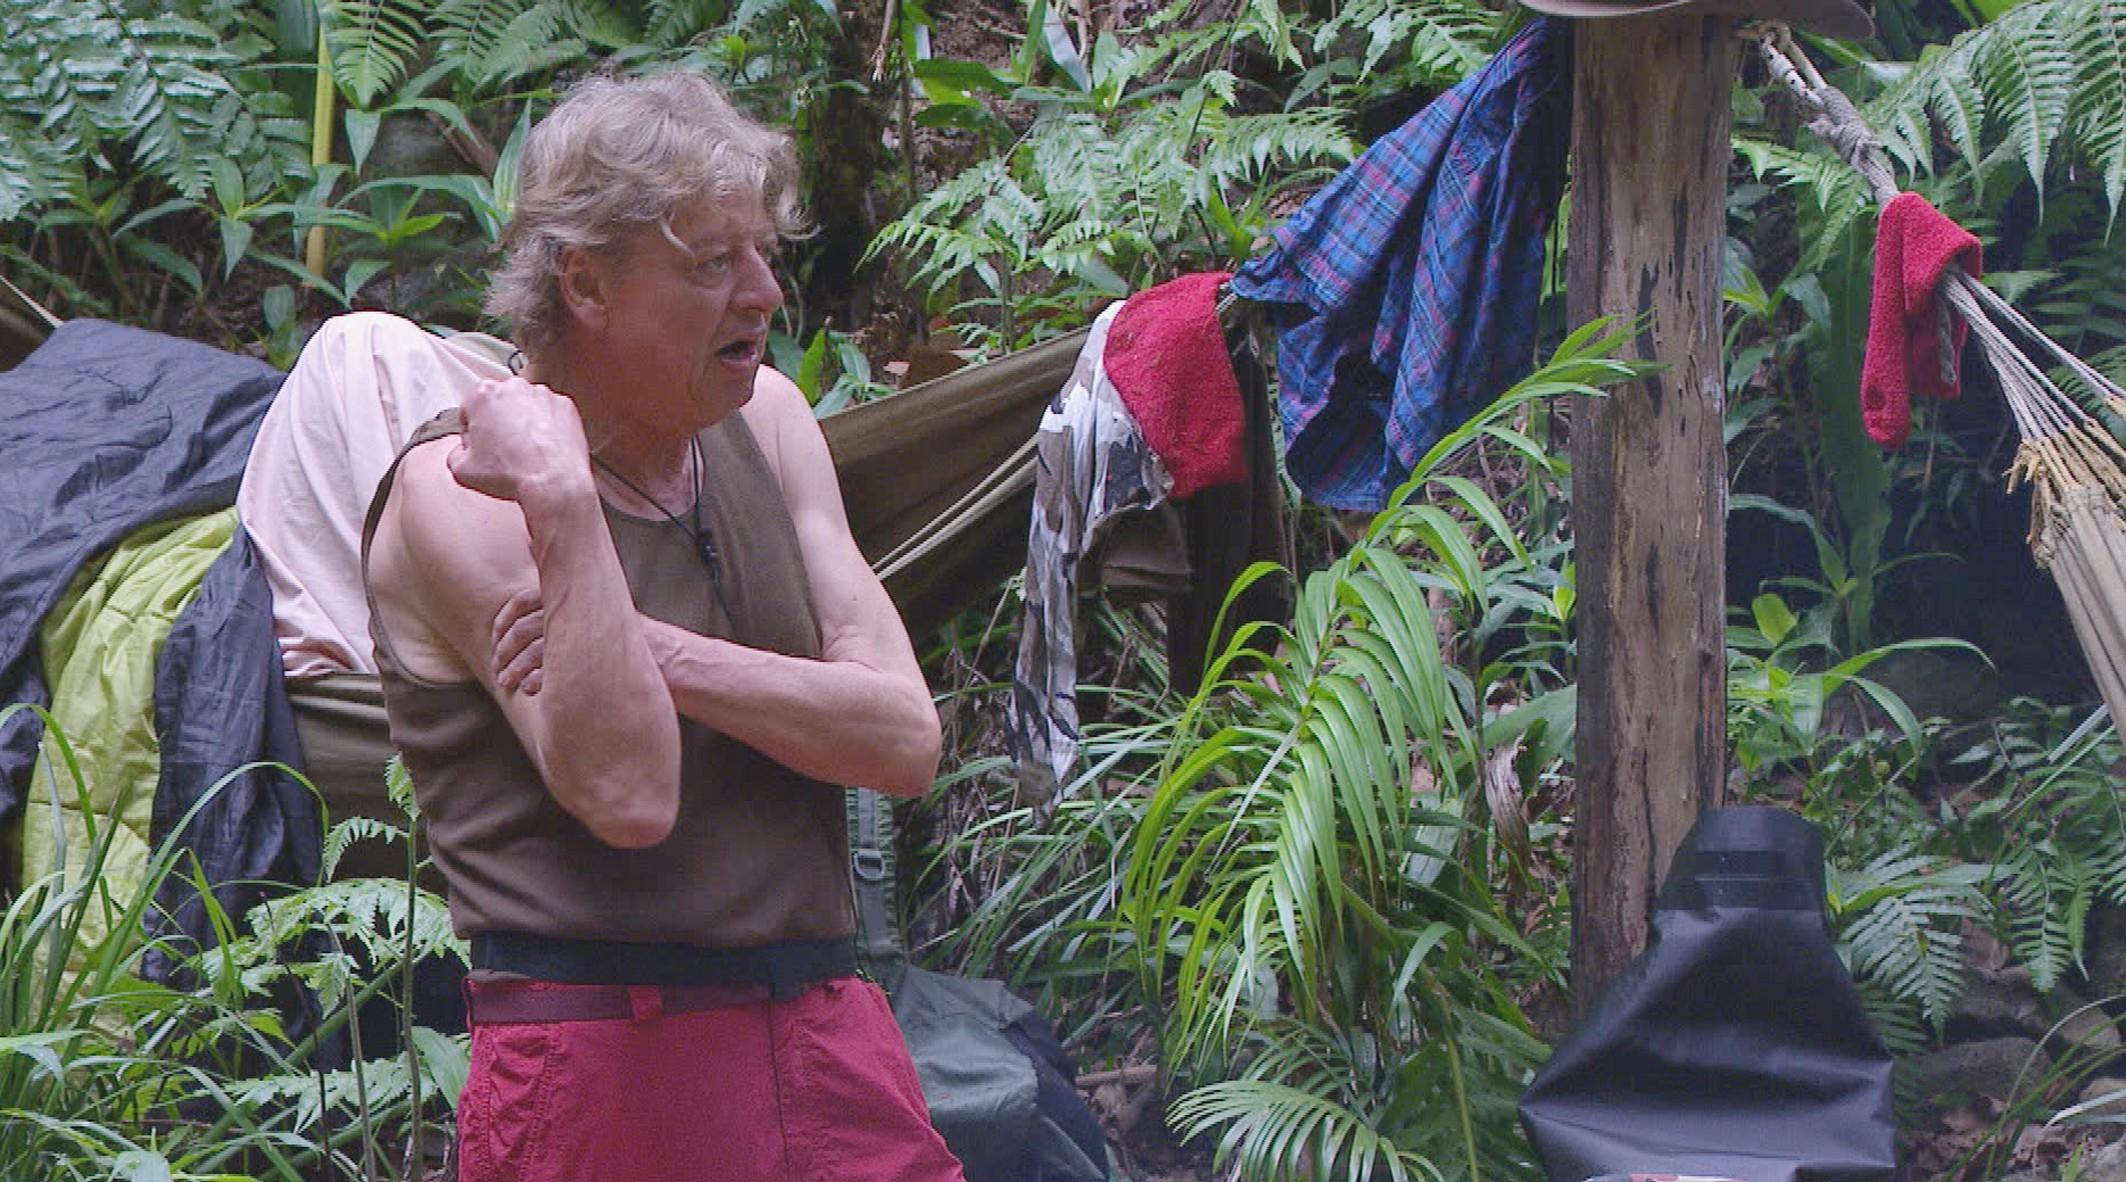 Walter Freiwald Bewohner Tag 4 Dschungelcamp 2015 RTL IBES Ich bin ein Star Holt mich hier raus Folge 4 19.01.2015